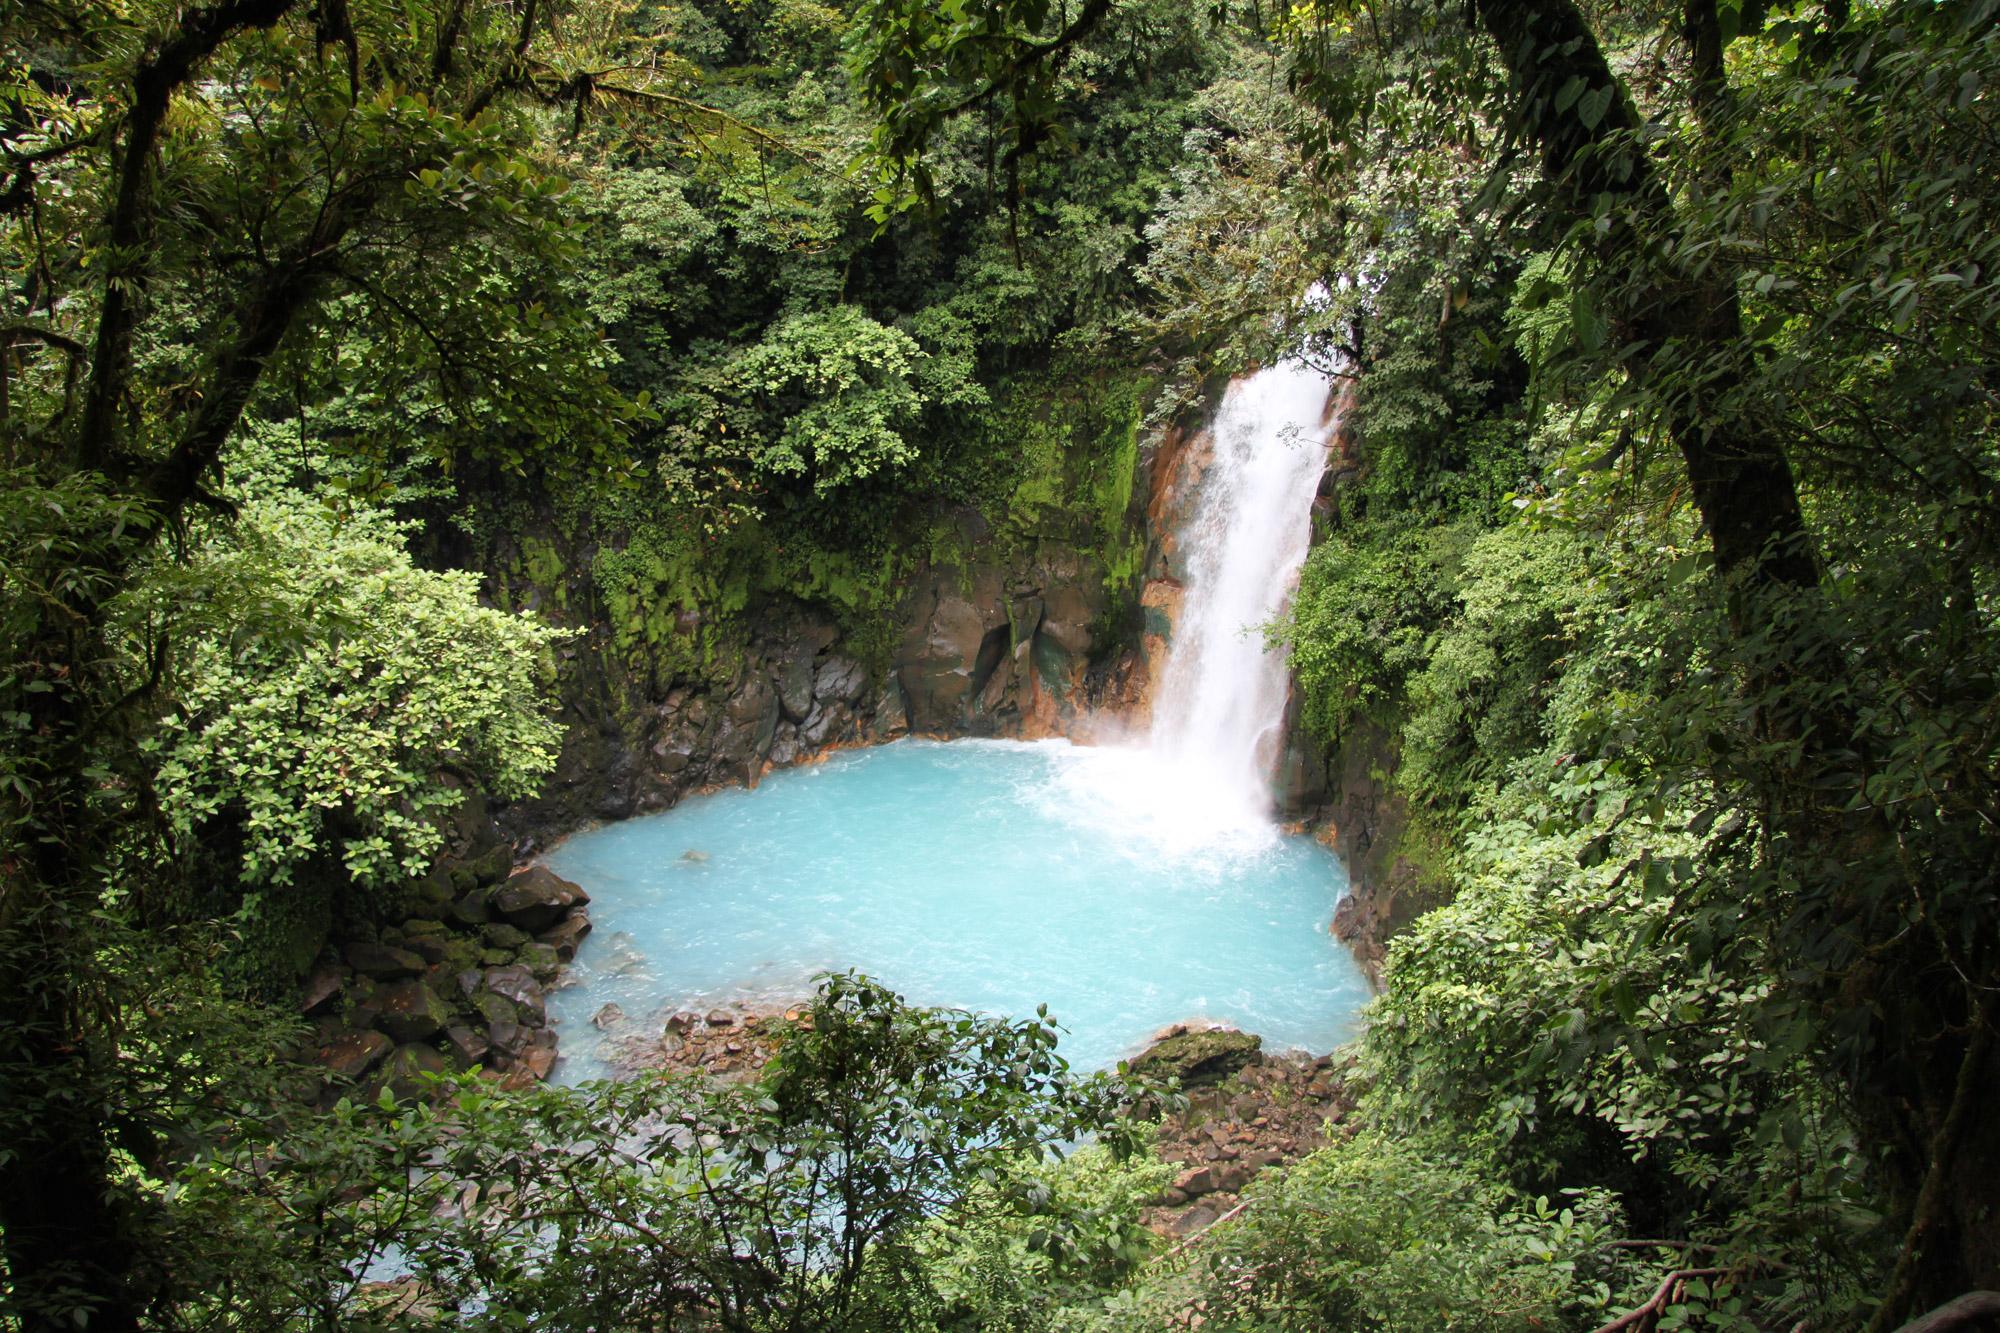 5 reden om naar Costa Rica te reizen - Prachtige natuurparken: Parque Nacional Volcán Tenorio